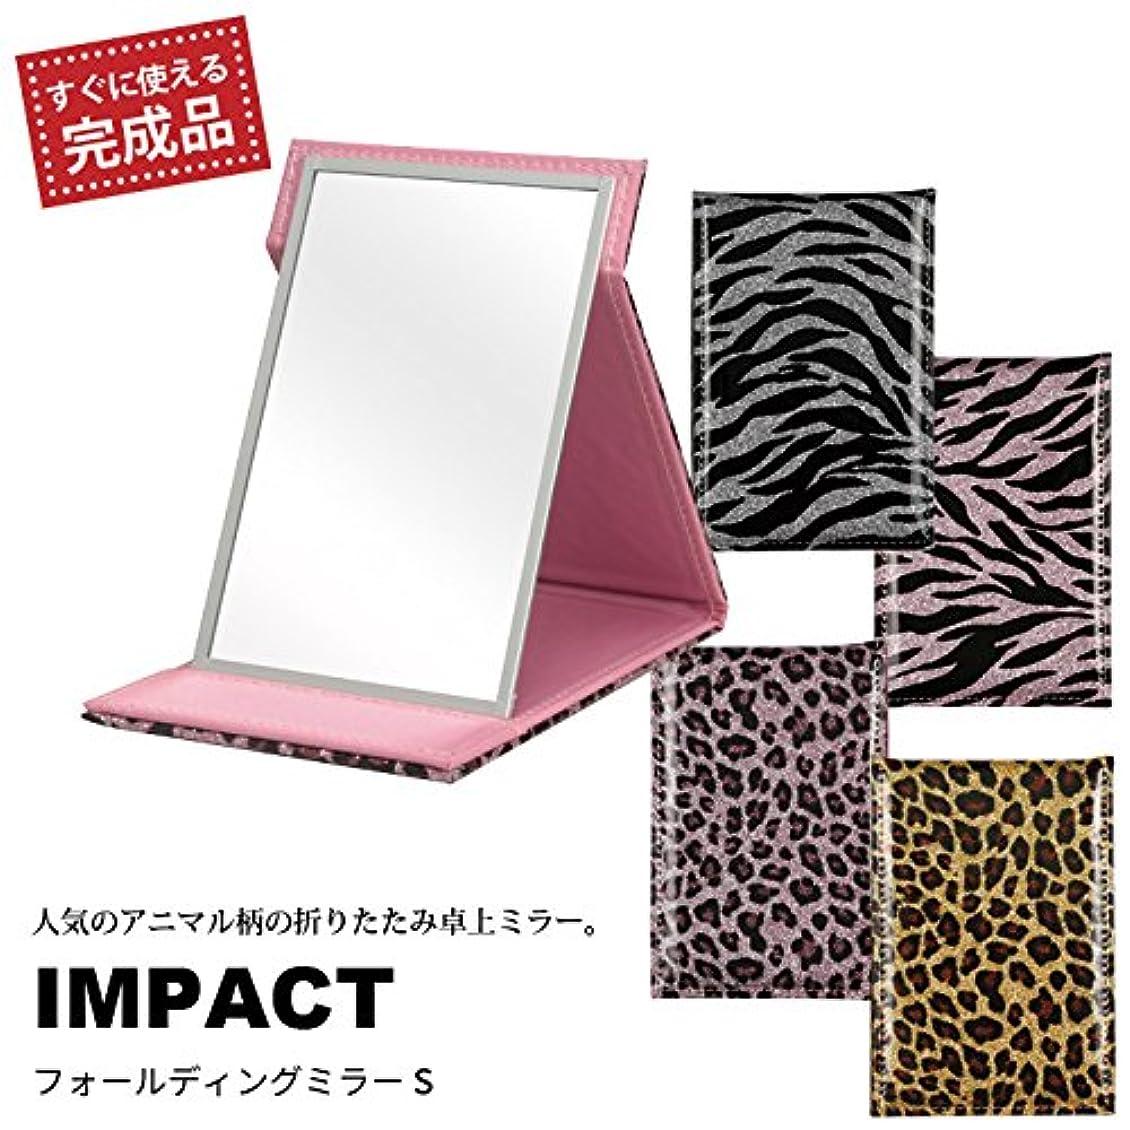 余剰持続的無視手鏡 ミラー 折りたたみ 鏡 フォールディング カバー IMPACT インパクトS